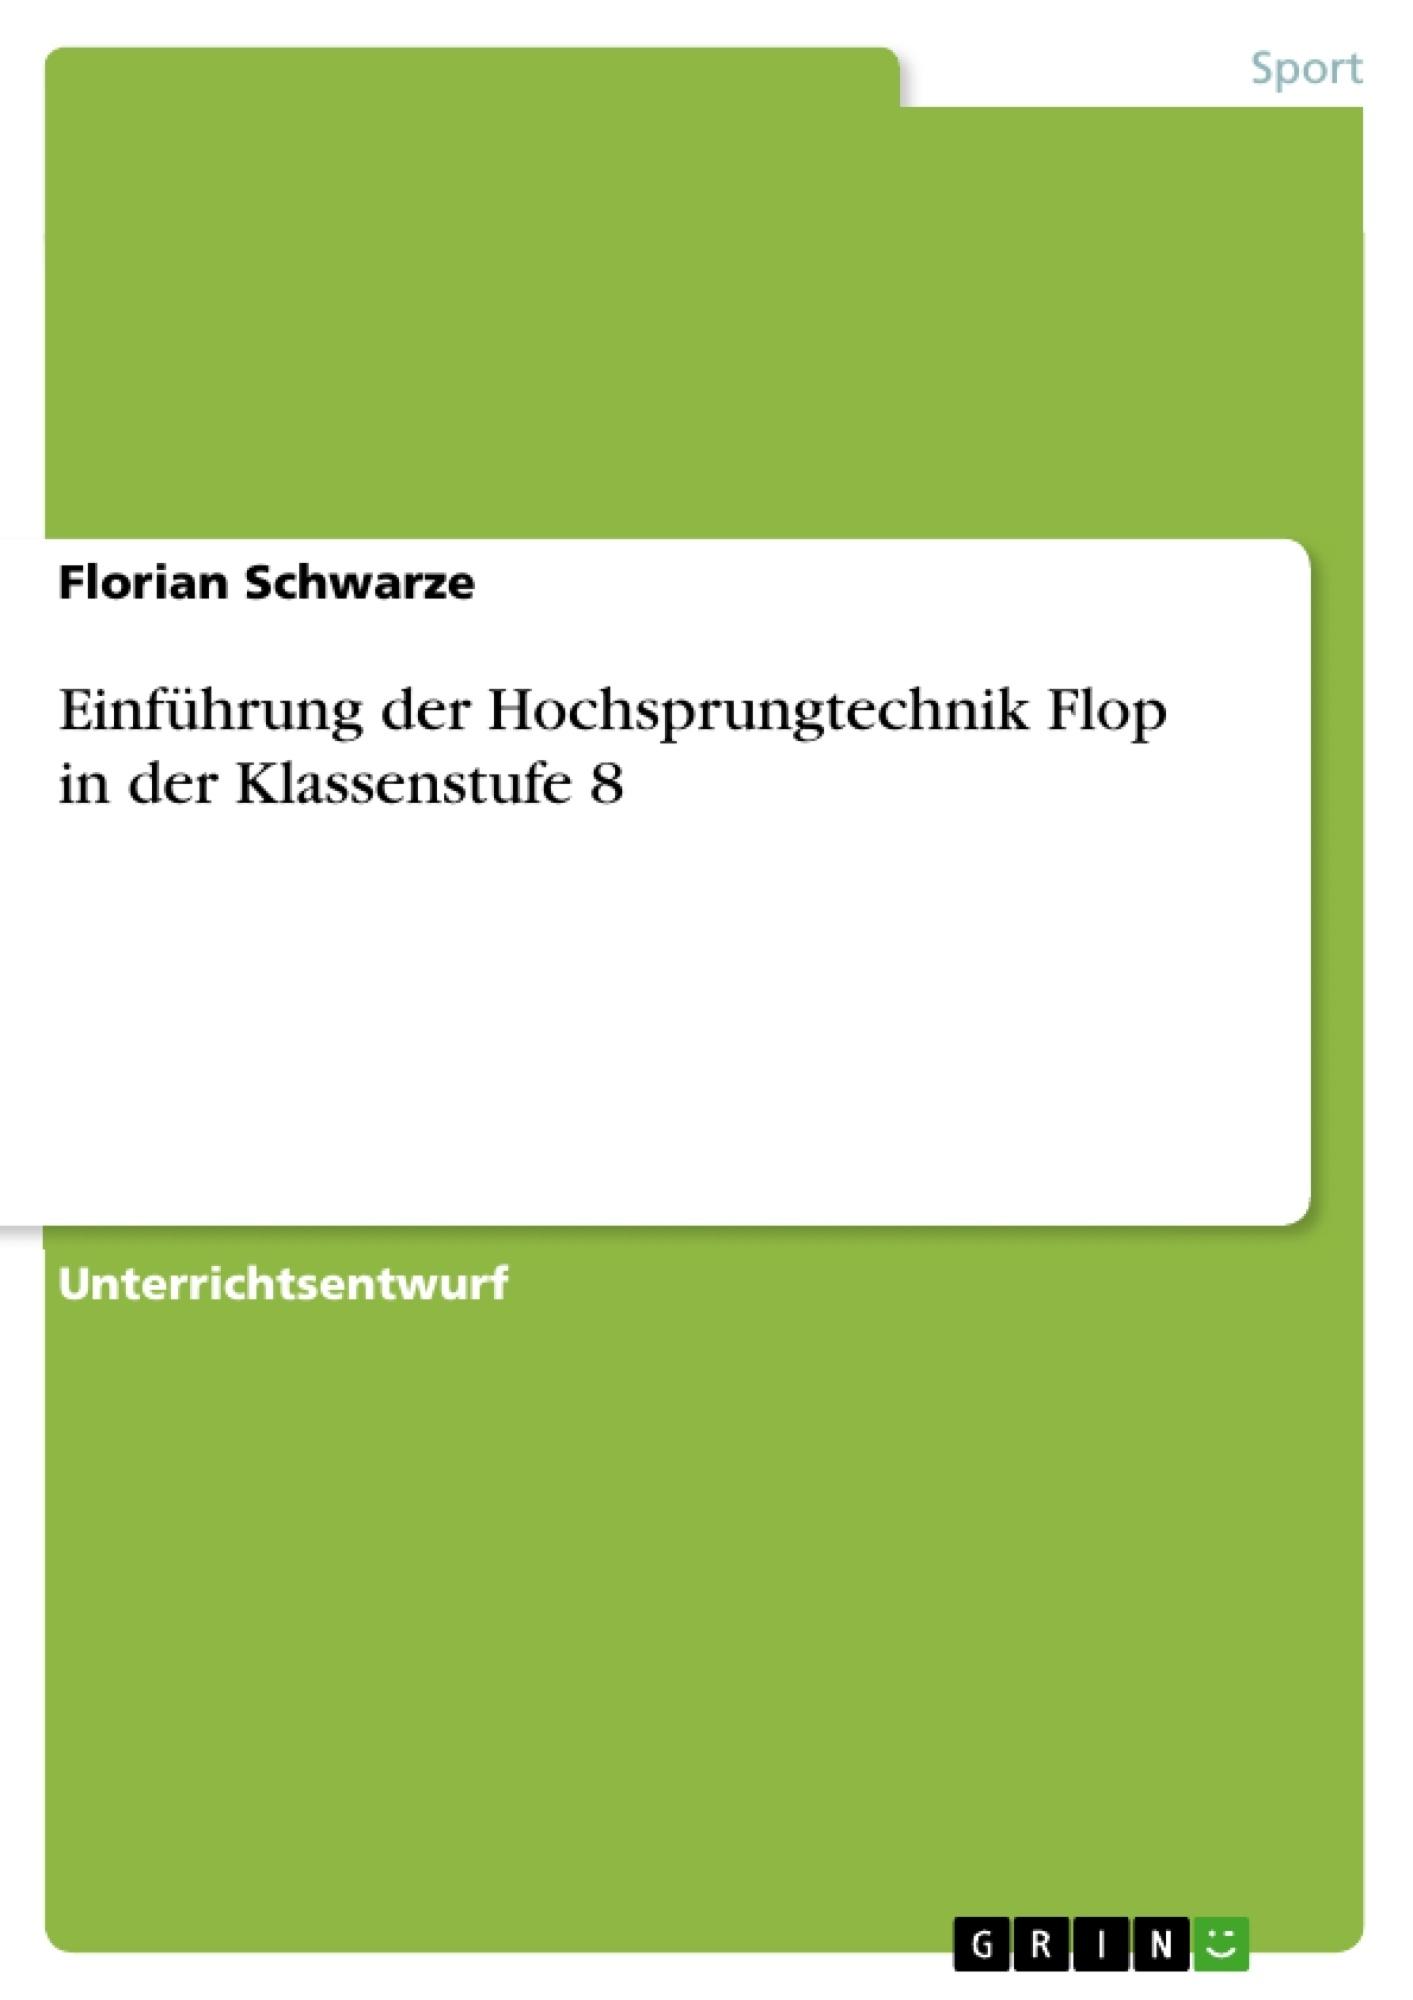 Titel: Einführung der Hochsprungtechnik Flop in der Klassenstufe 8